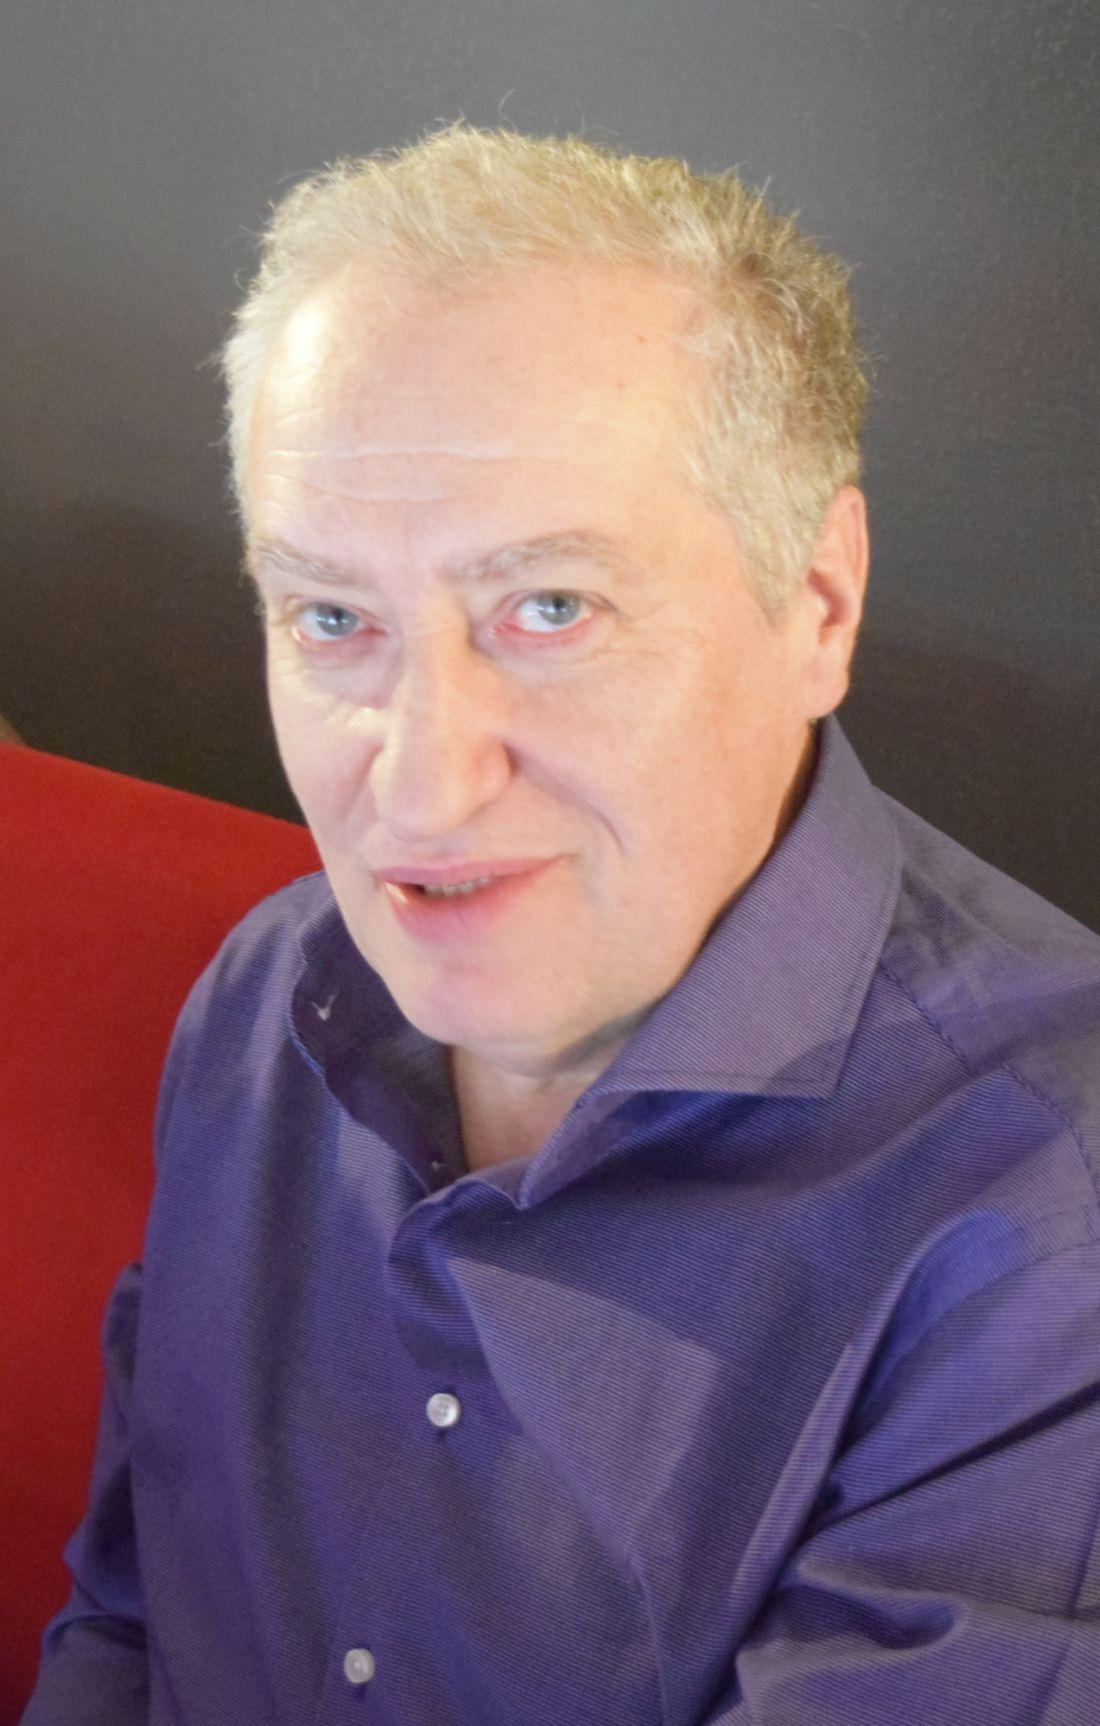 DSC_0008.1100 - Viorela Gavrila - compozitor - vicepres. UCMR-ADA (foto Bogdan Dragomir)